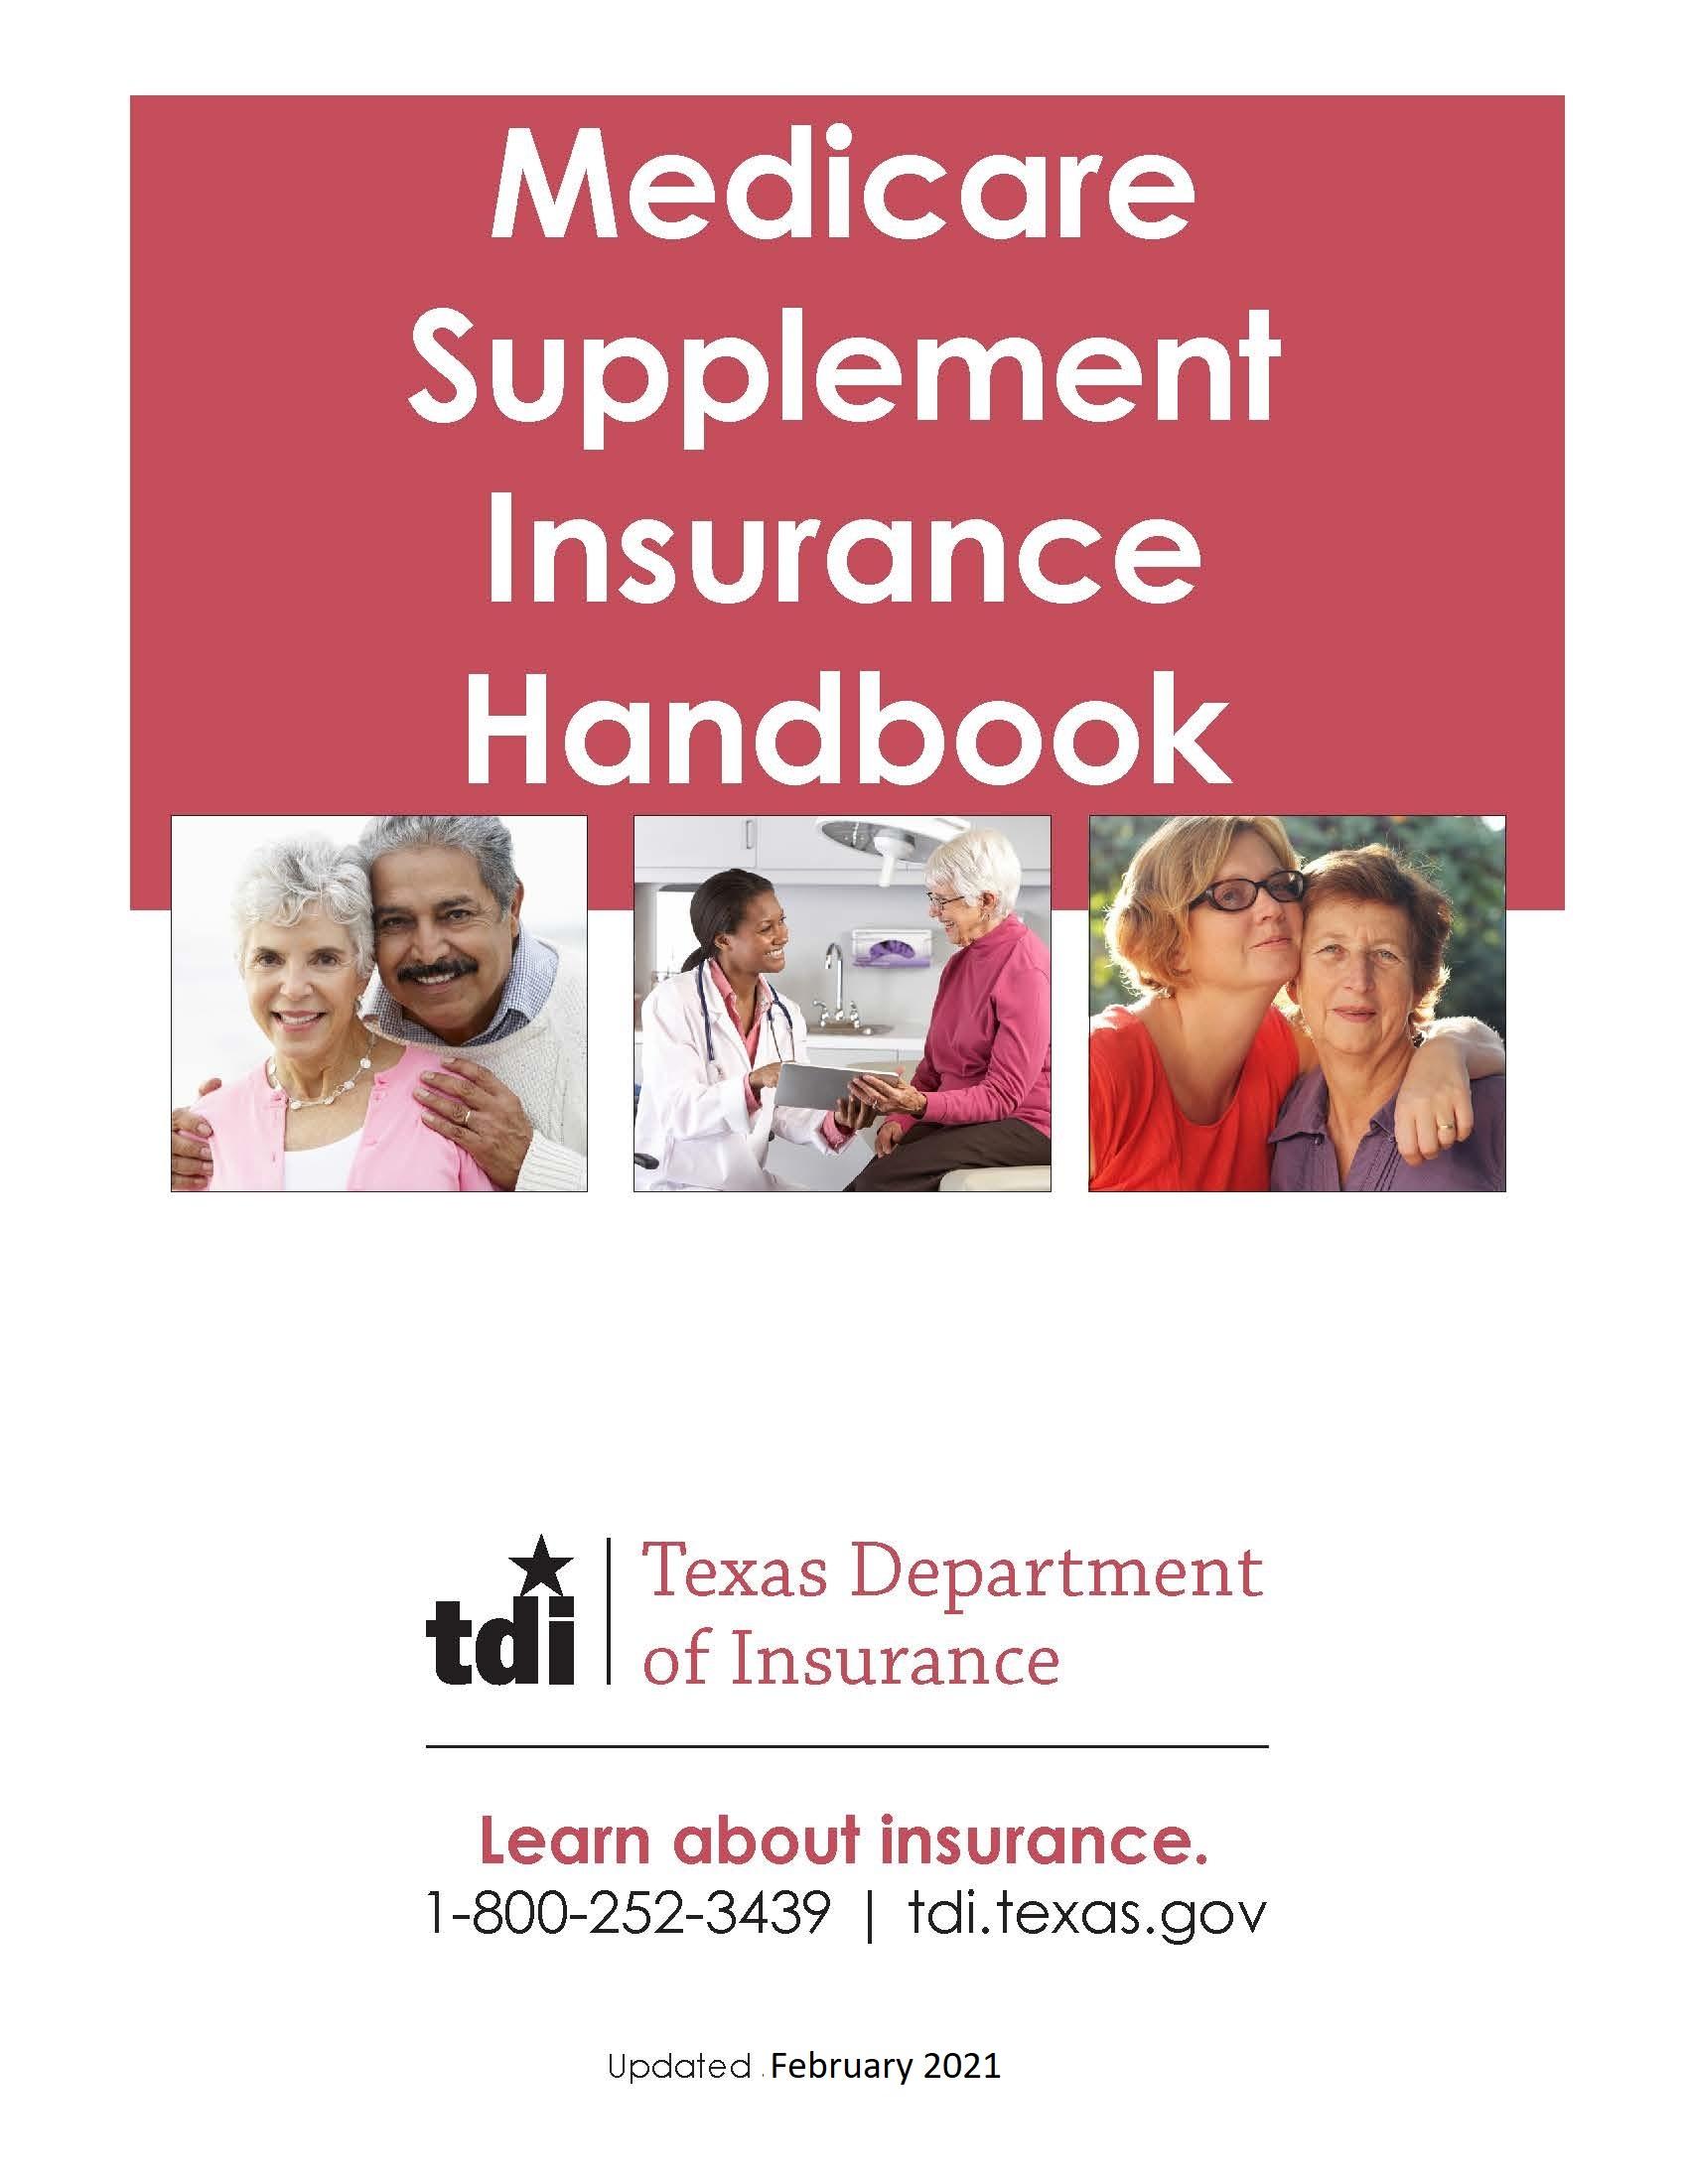 Medicare Supplement Insurance Handbook 2021.jpg